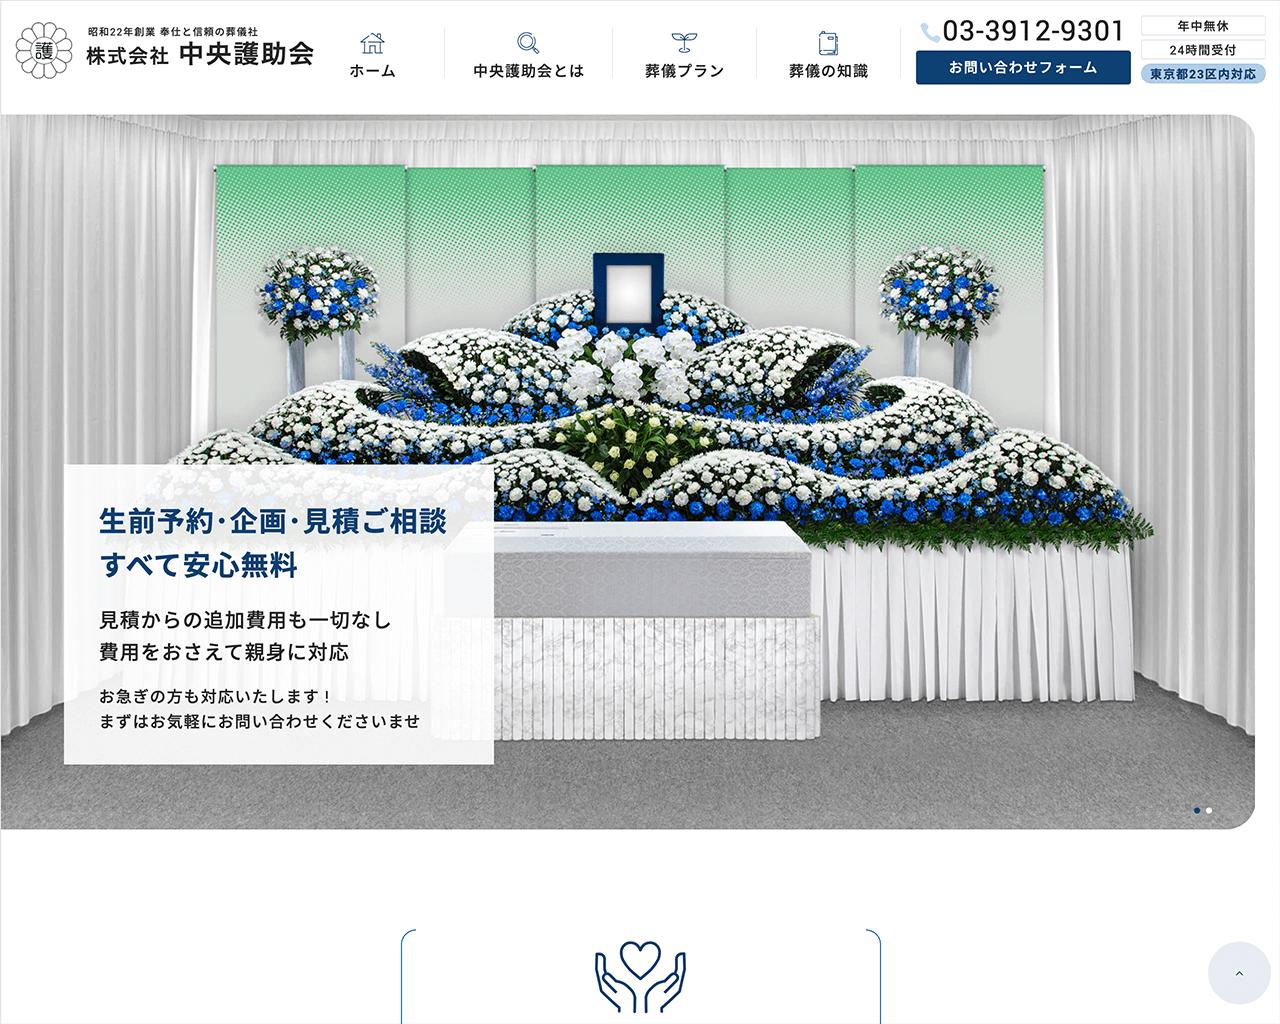 株式会社中央護助会(明日の株式会社様)